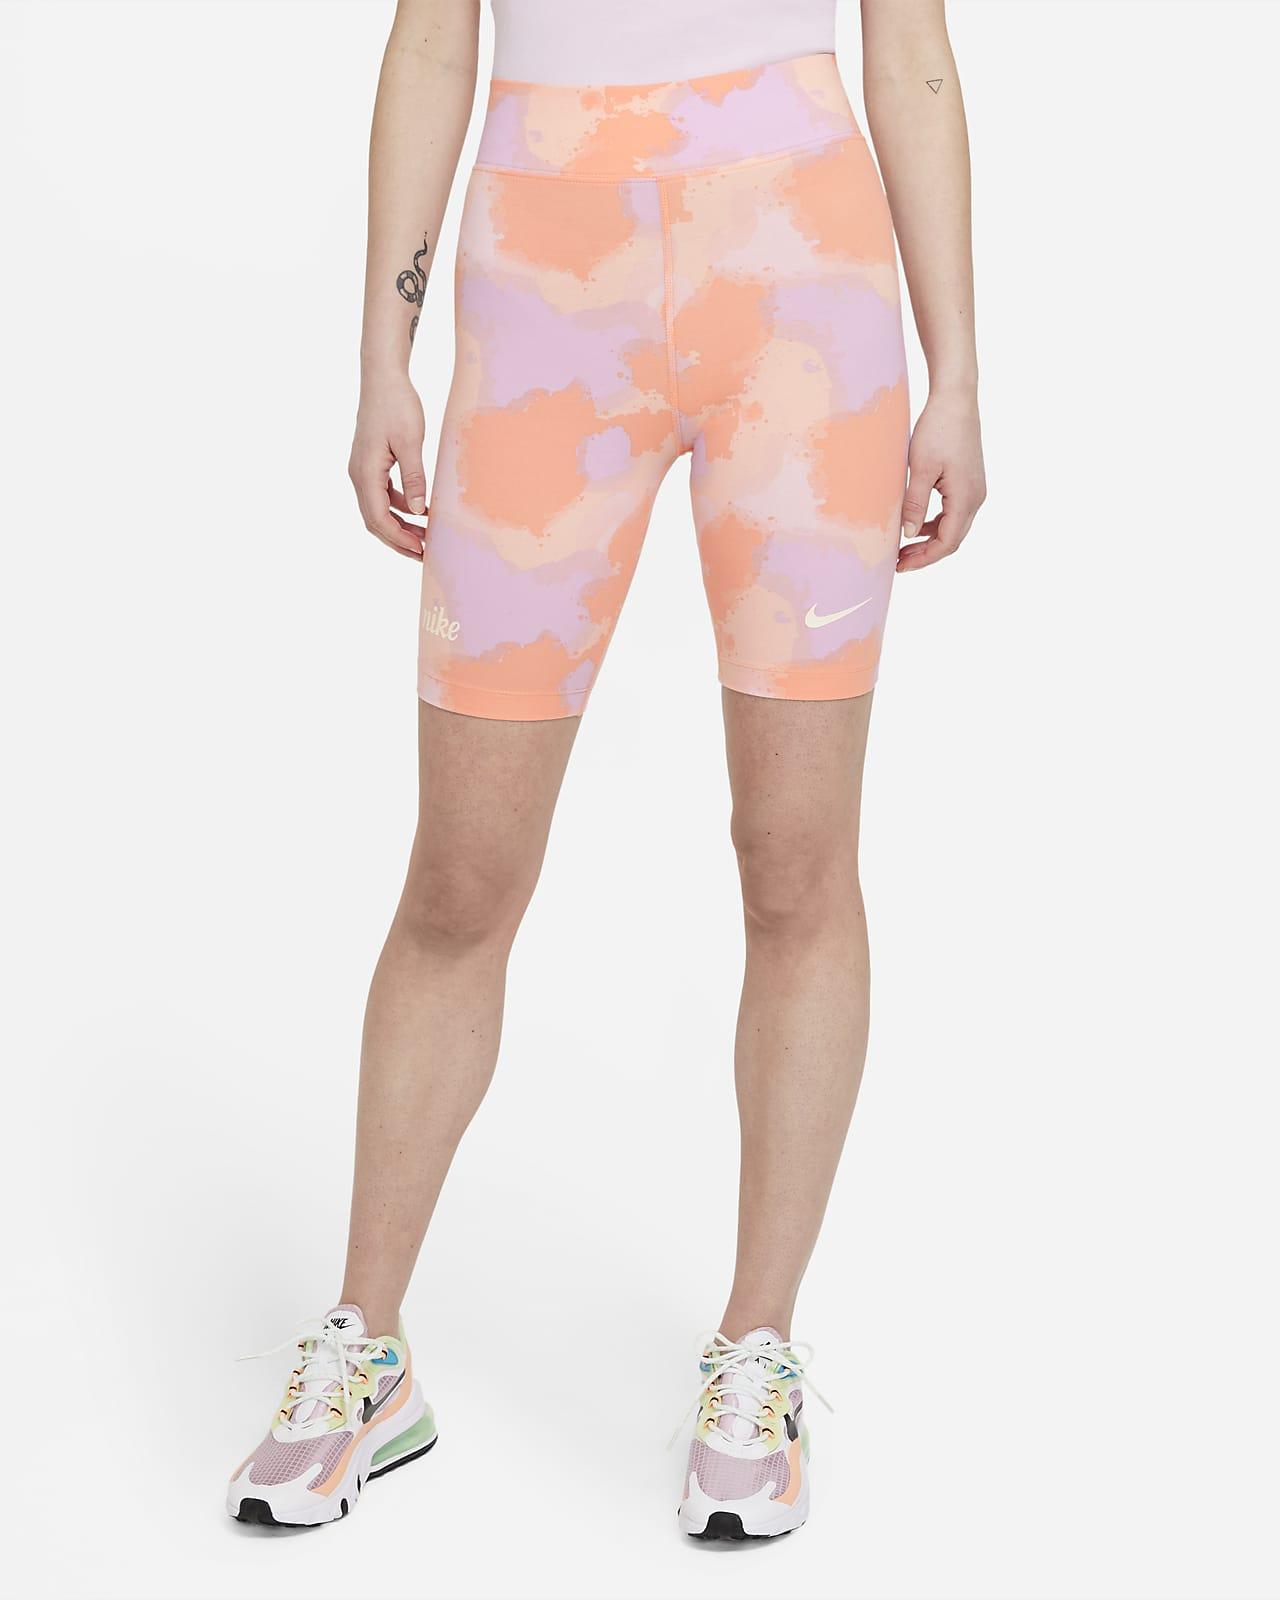 Nike Sportswear Women's High-Waisted Bike Shorts